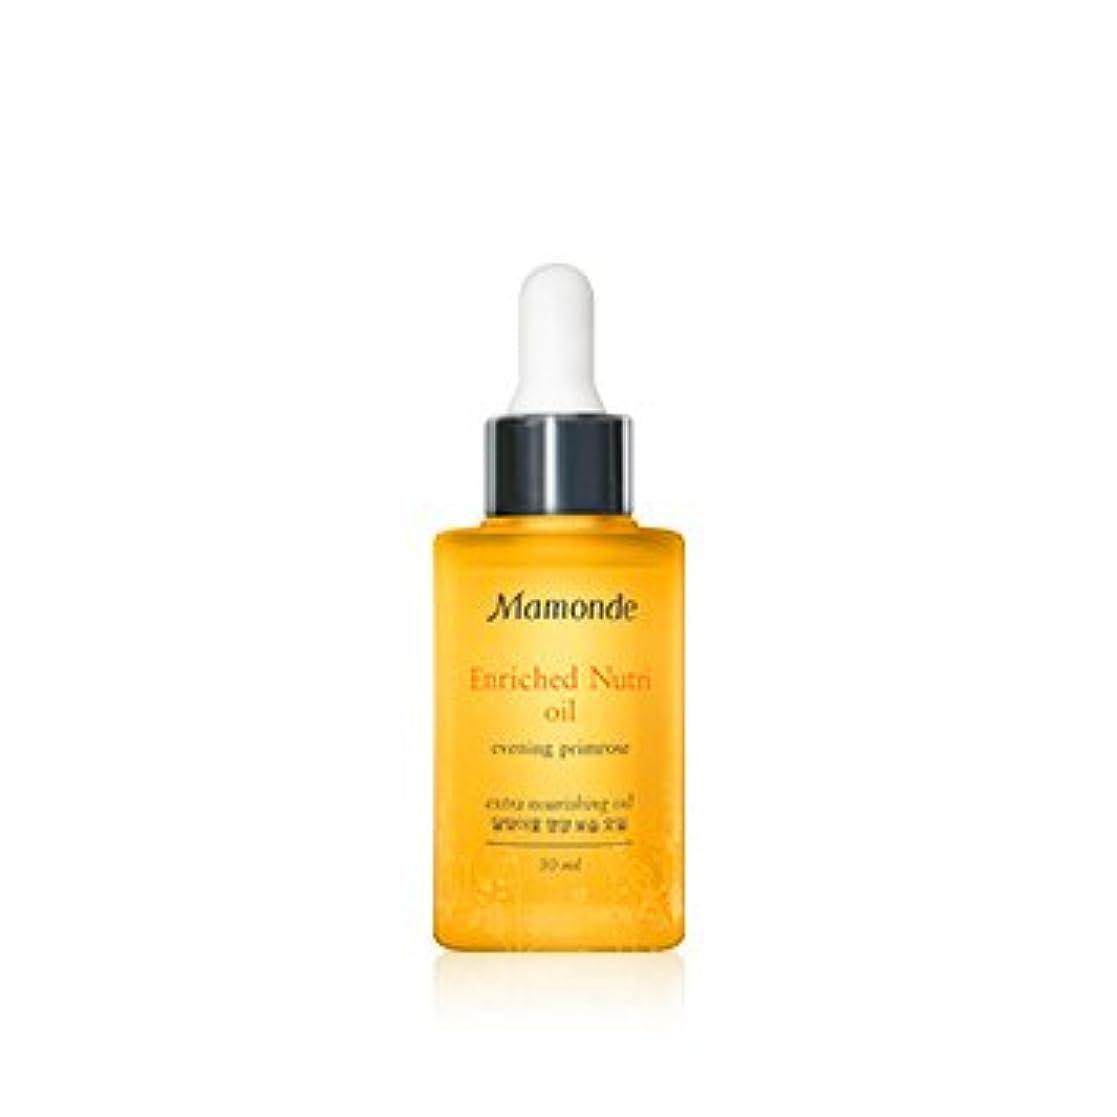 クライストチャーチ事業郊外[New] Mamonde Enriched Nutri Oil 30ml/マモンド エンリッチド ニュートリ オイル 30ml [並行輸入品]